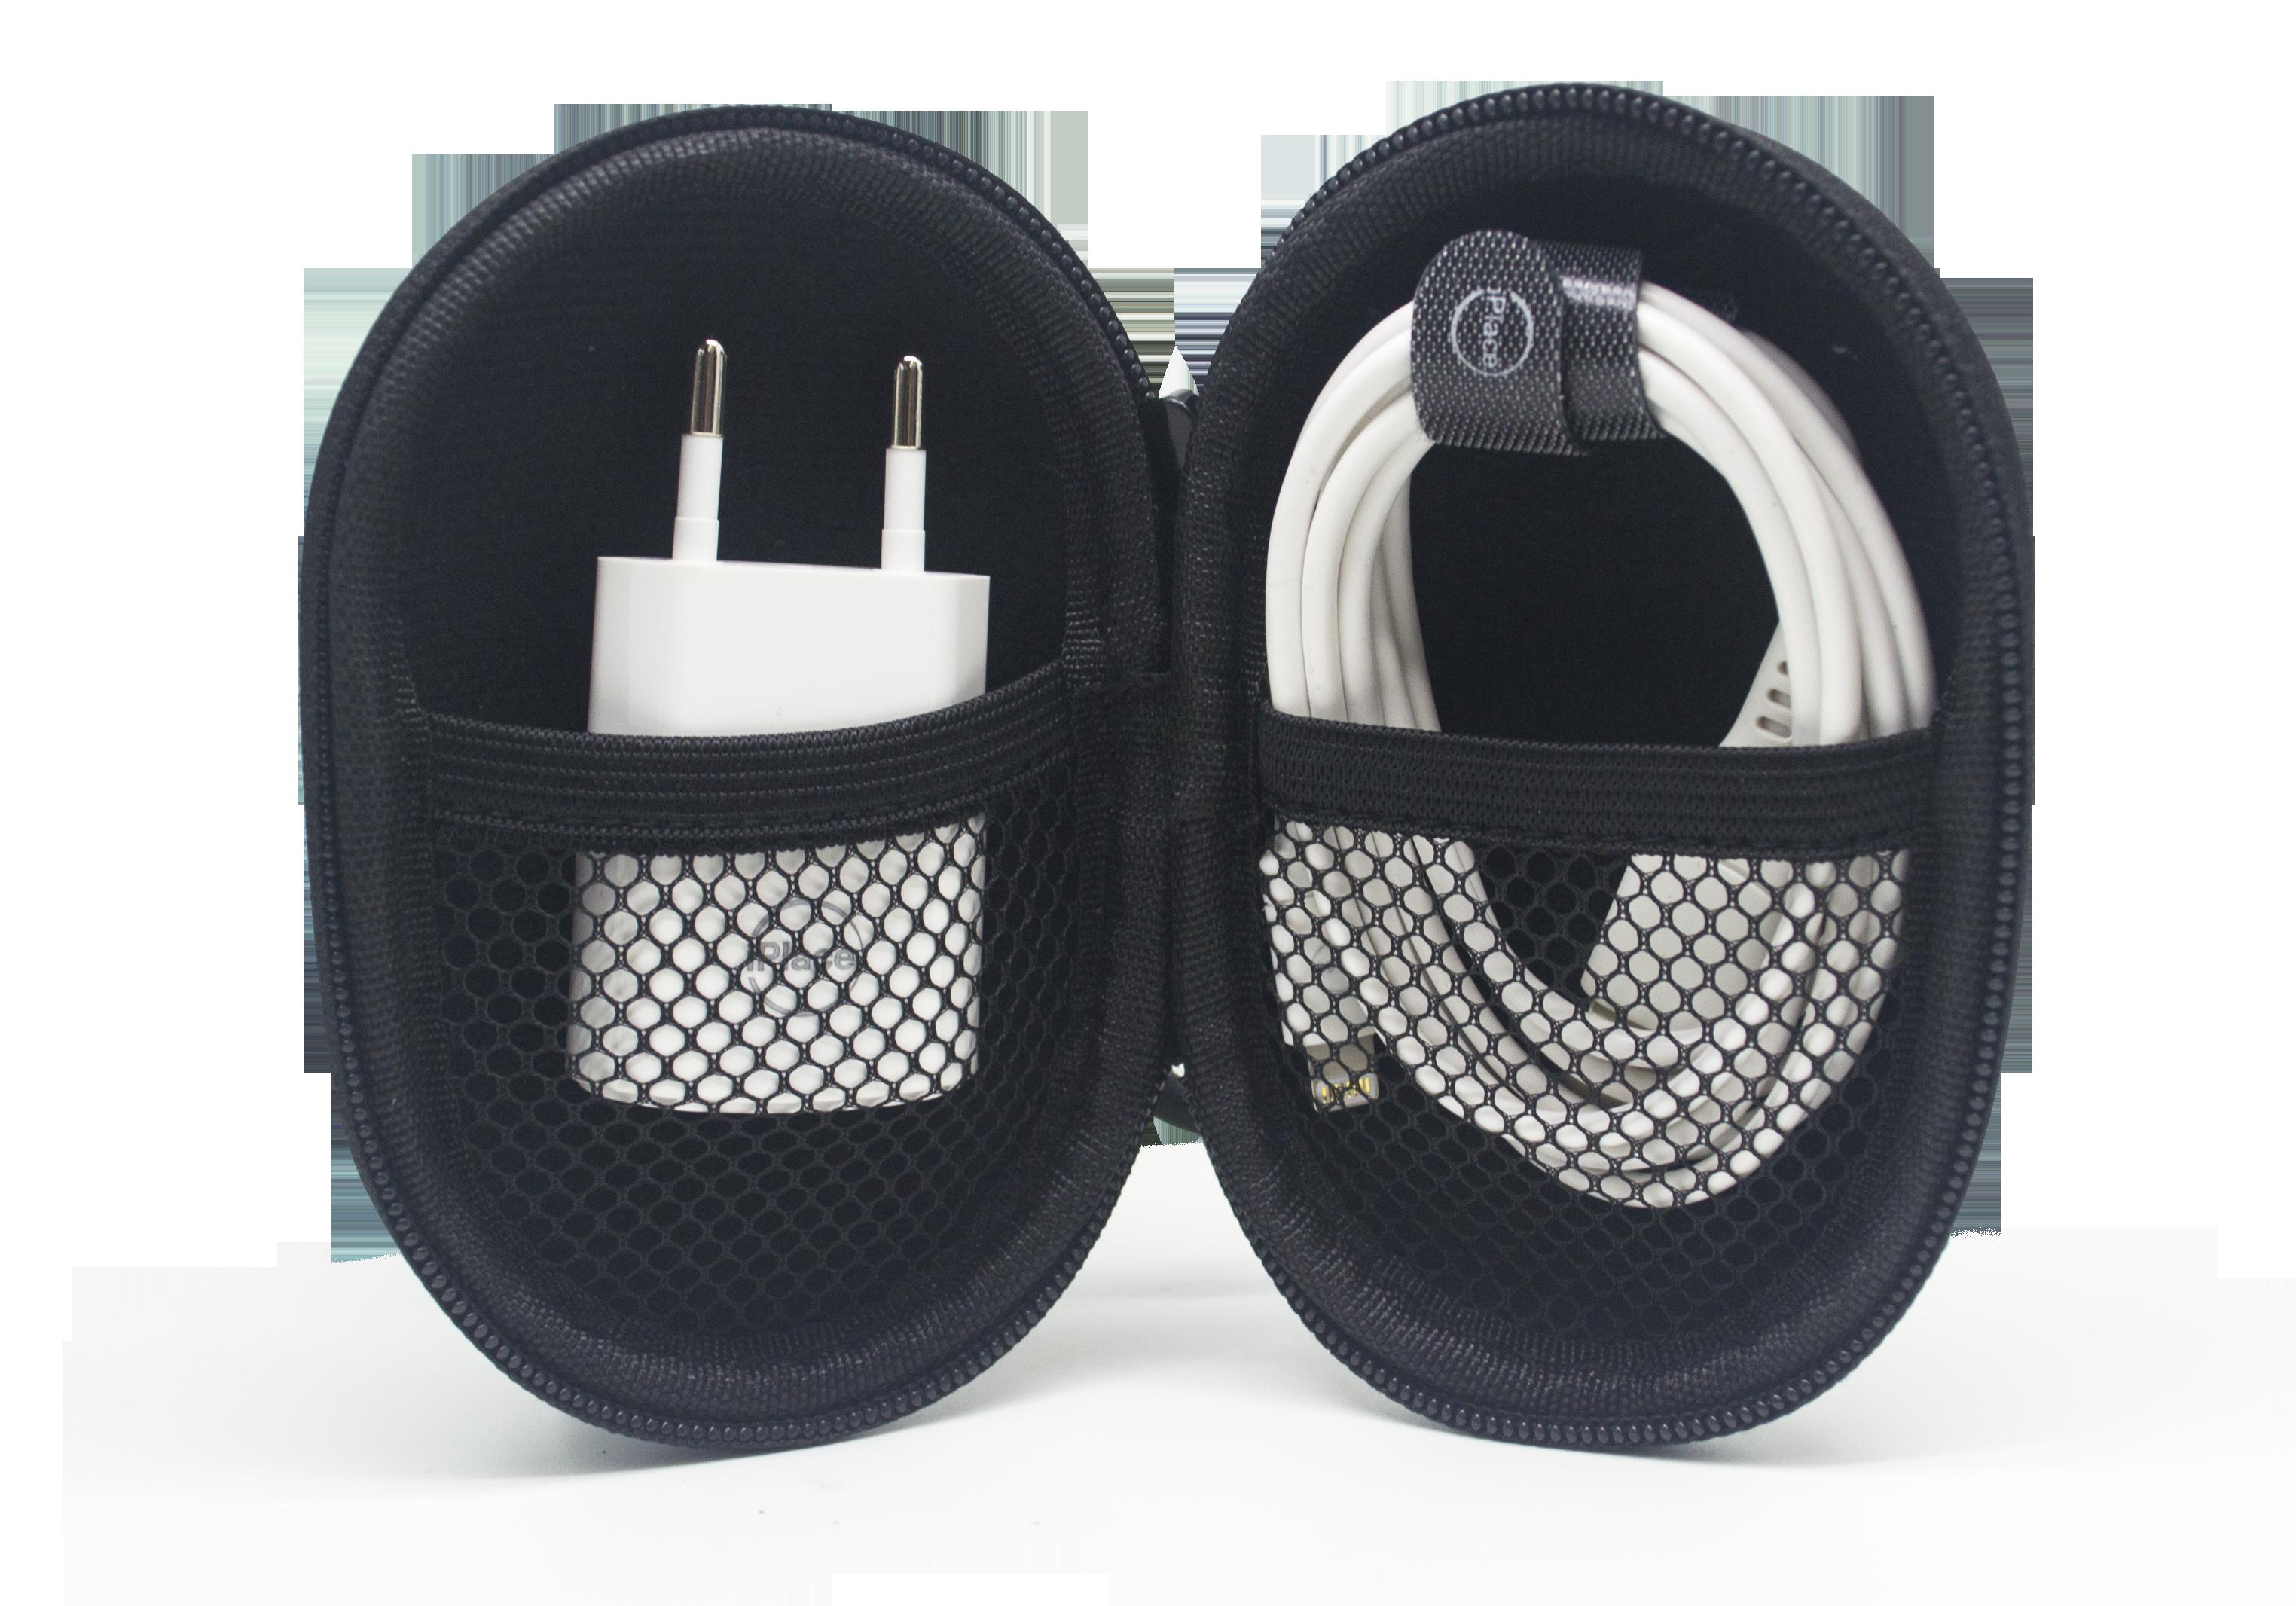 kit-viagem-iphone